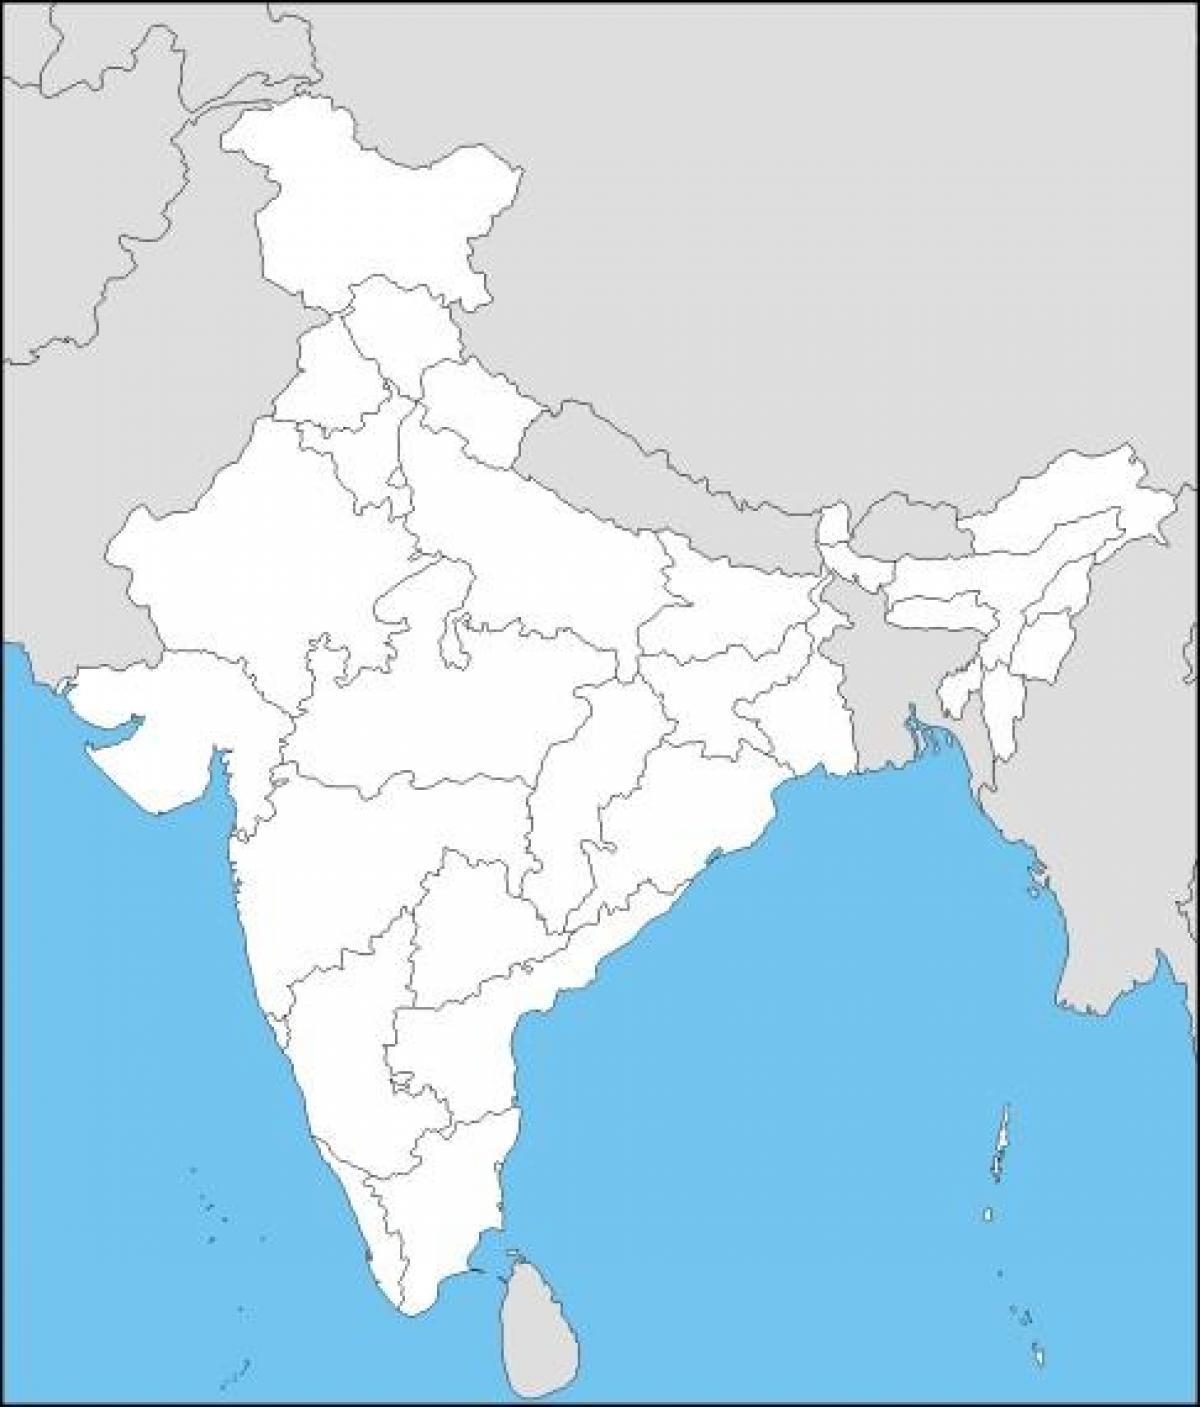 Indien Karta Quiz Karta Over Indien Fragesport Sodra Asien Asien